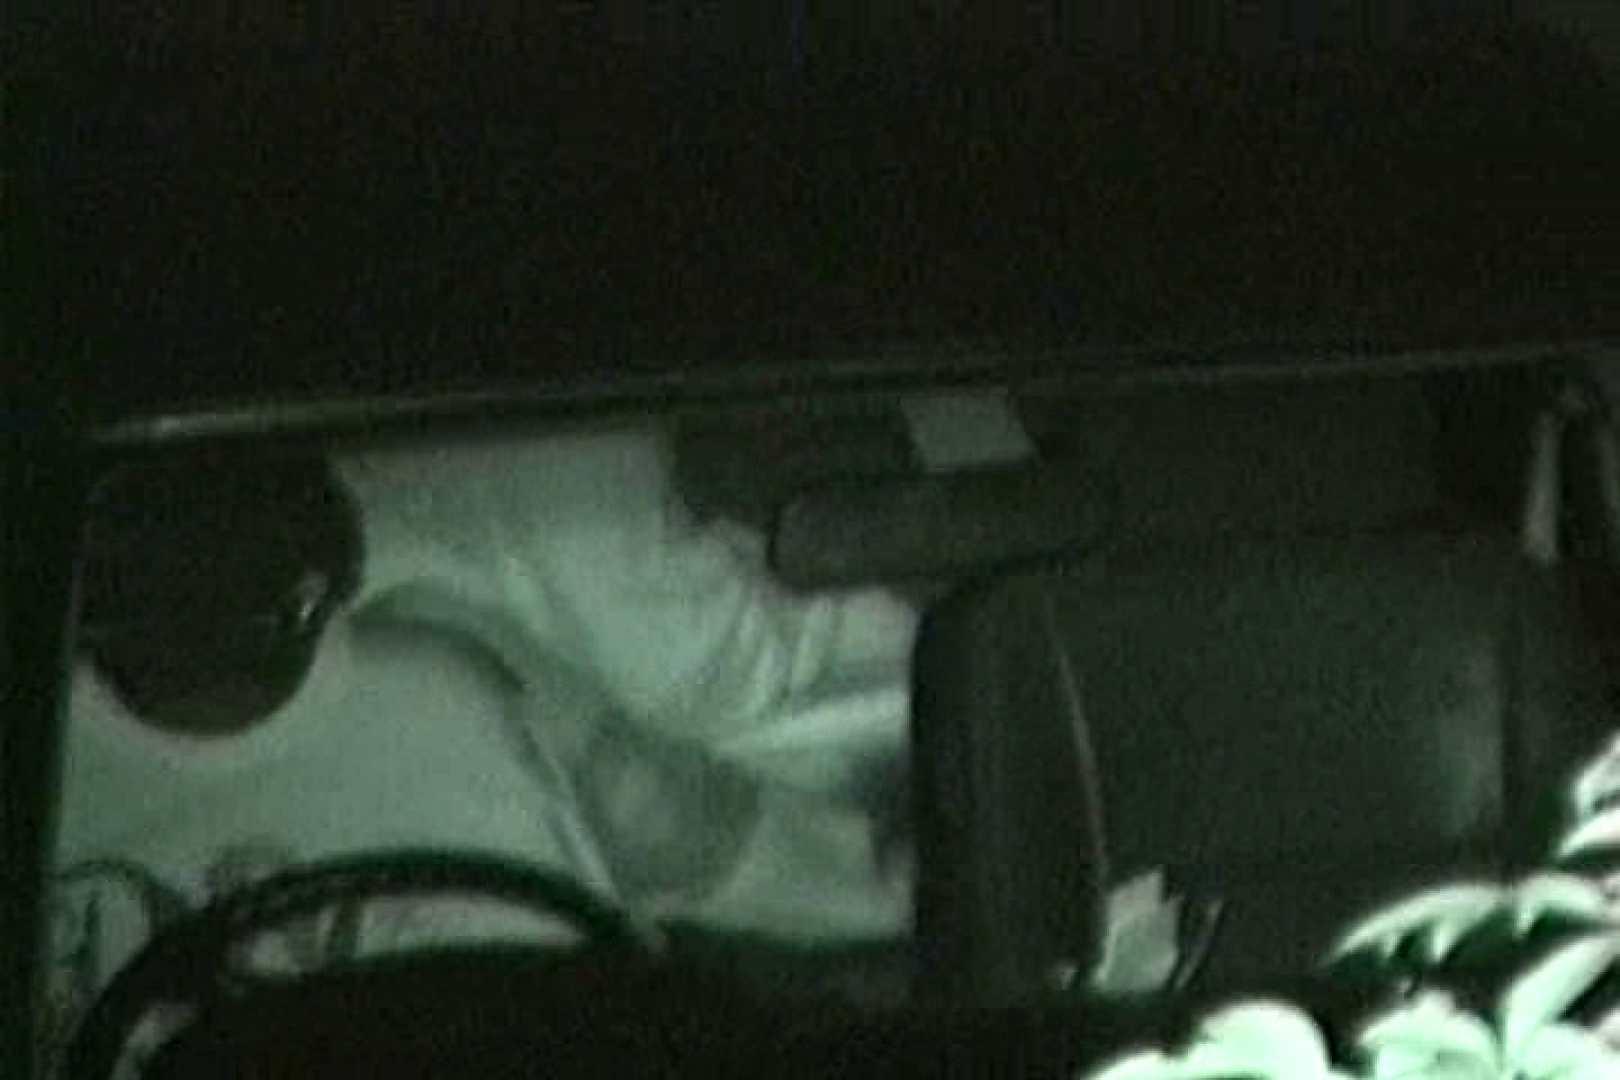 車の中はラブホテル 無修正版  Vol.8 望遠 のぞき動画画像 102PIX 85